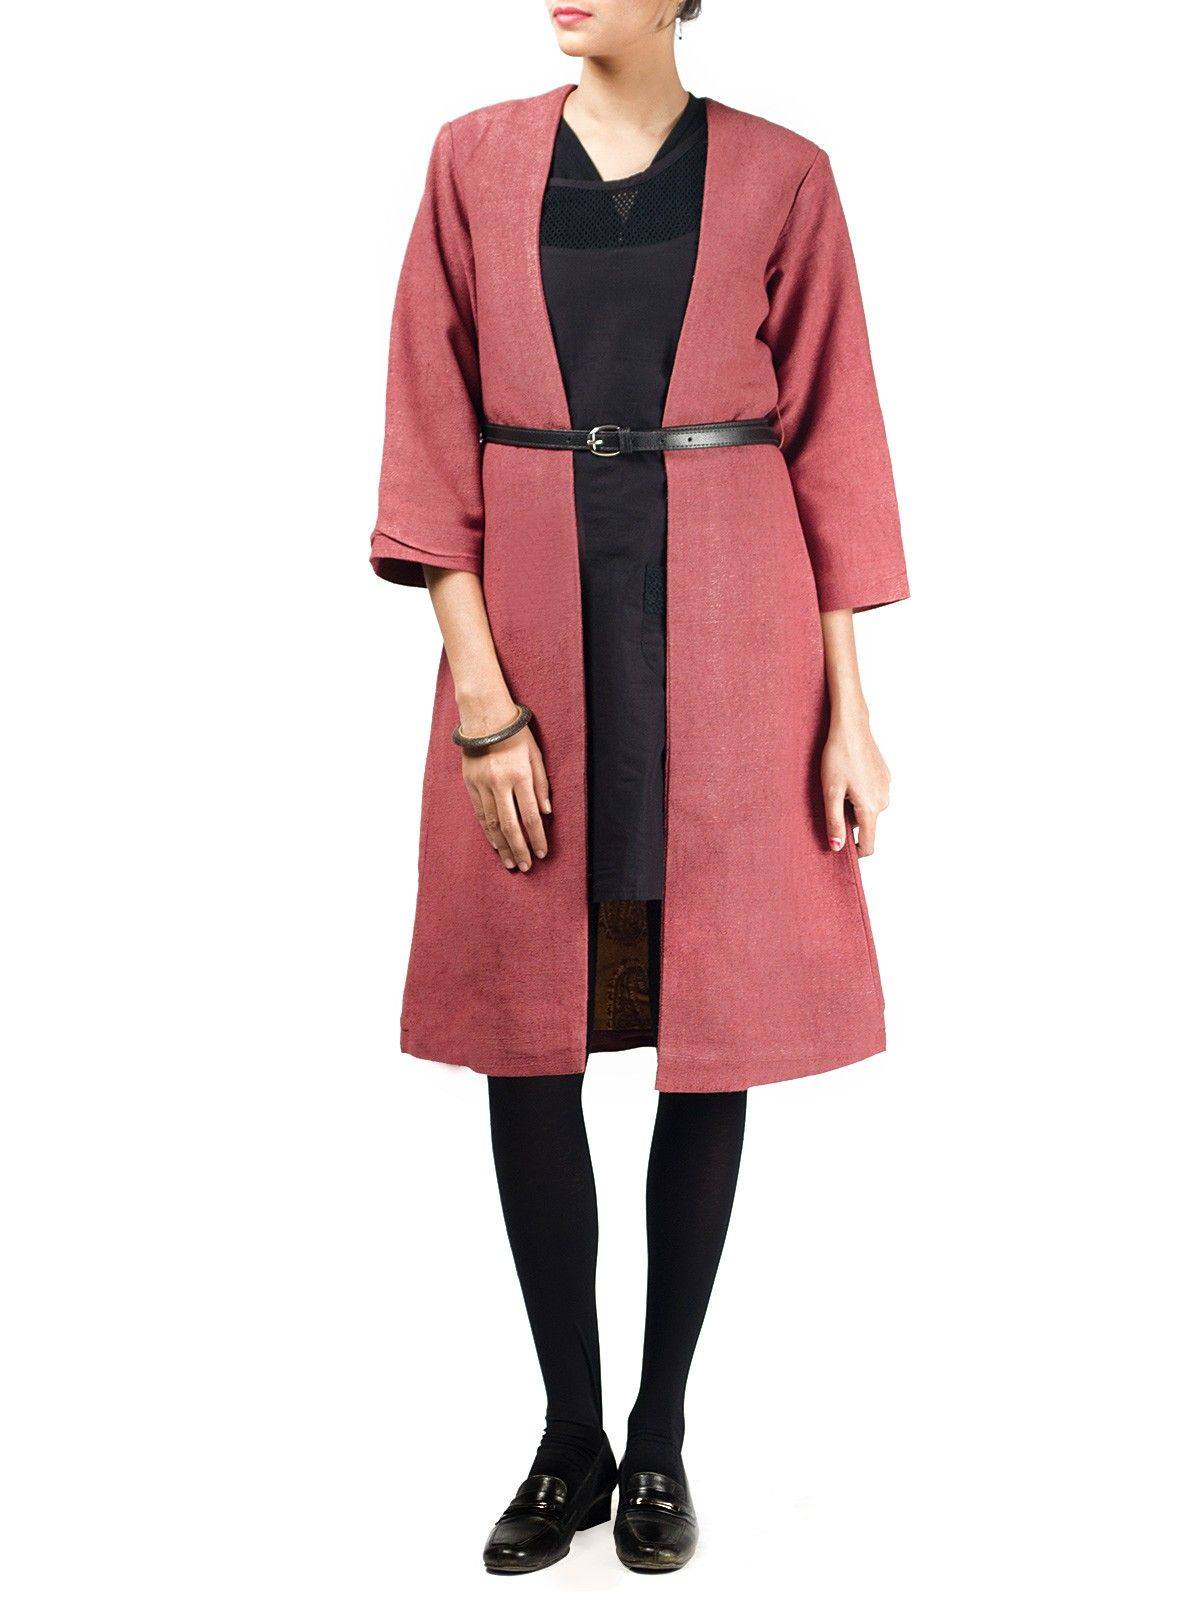 Maroon noile silk full sleeves long winter jacket